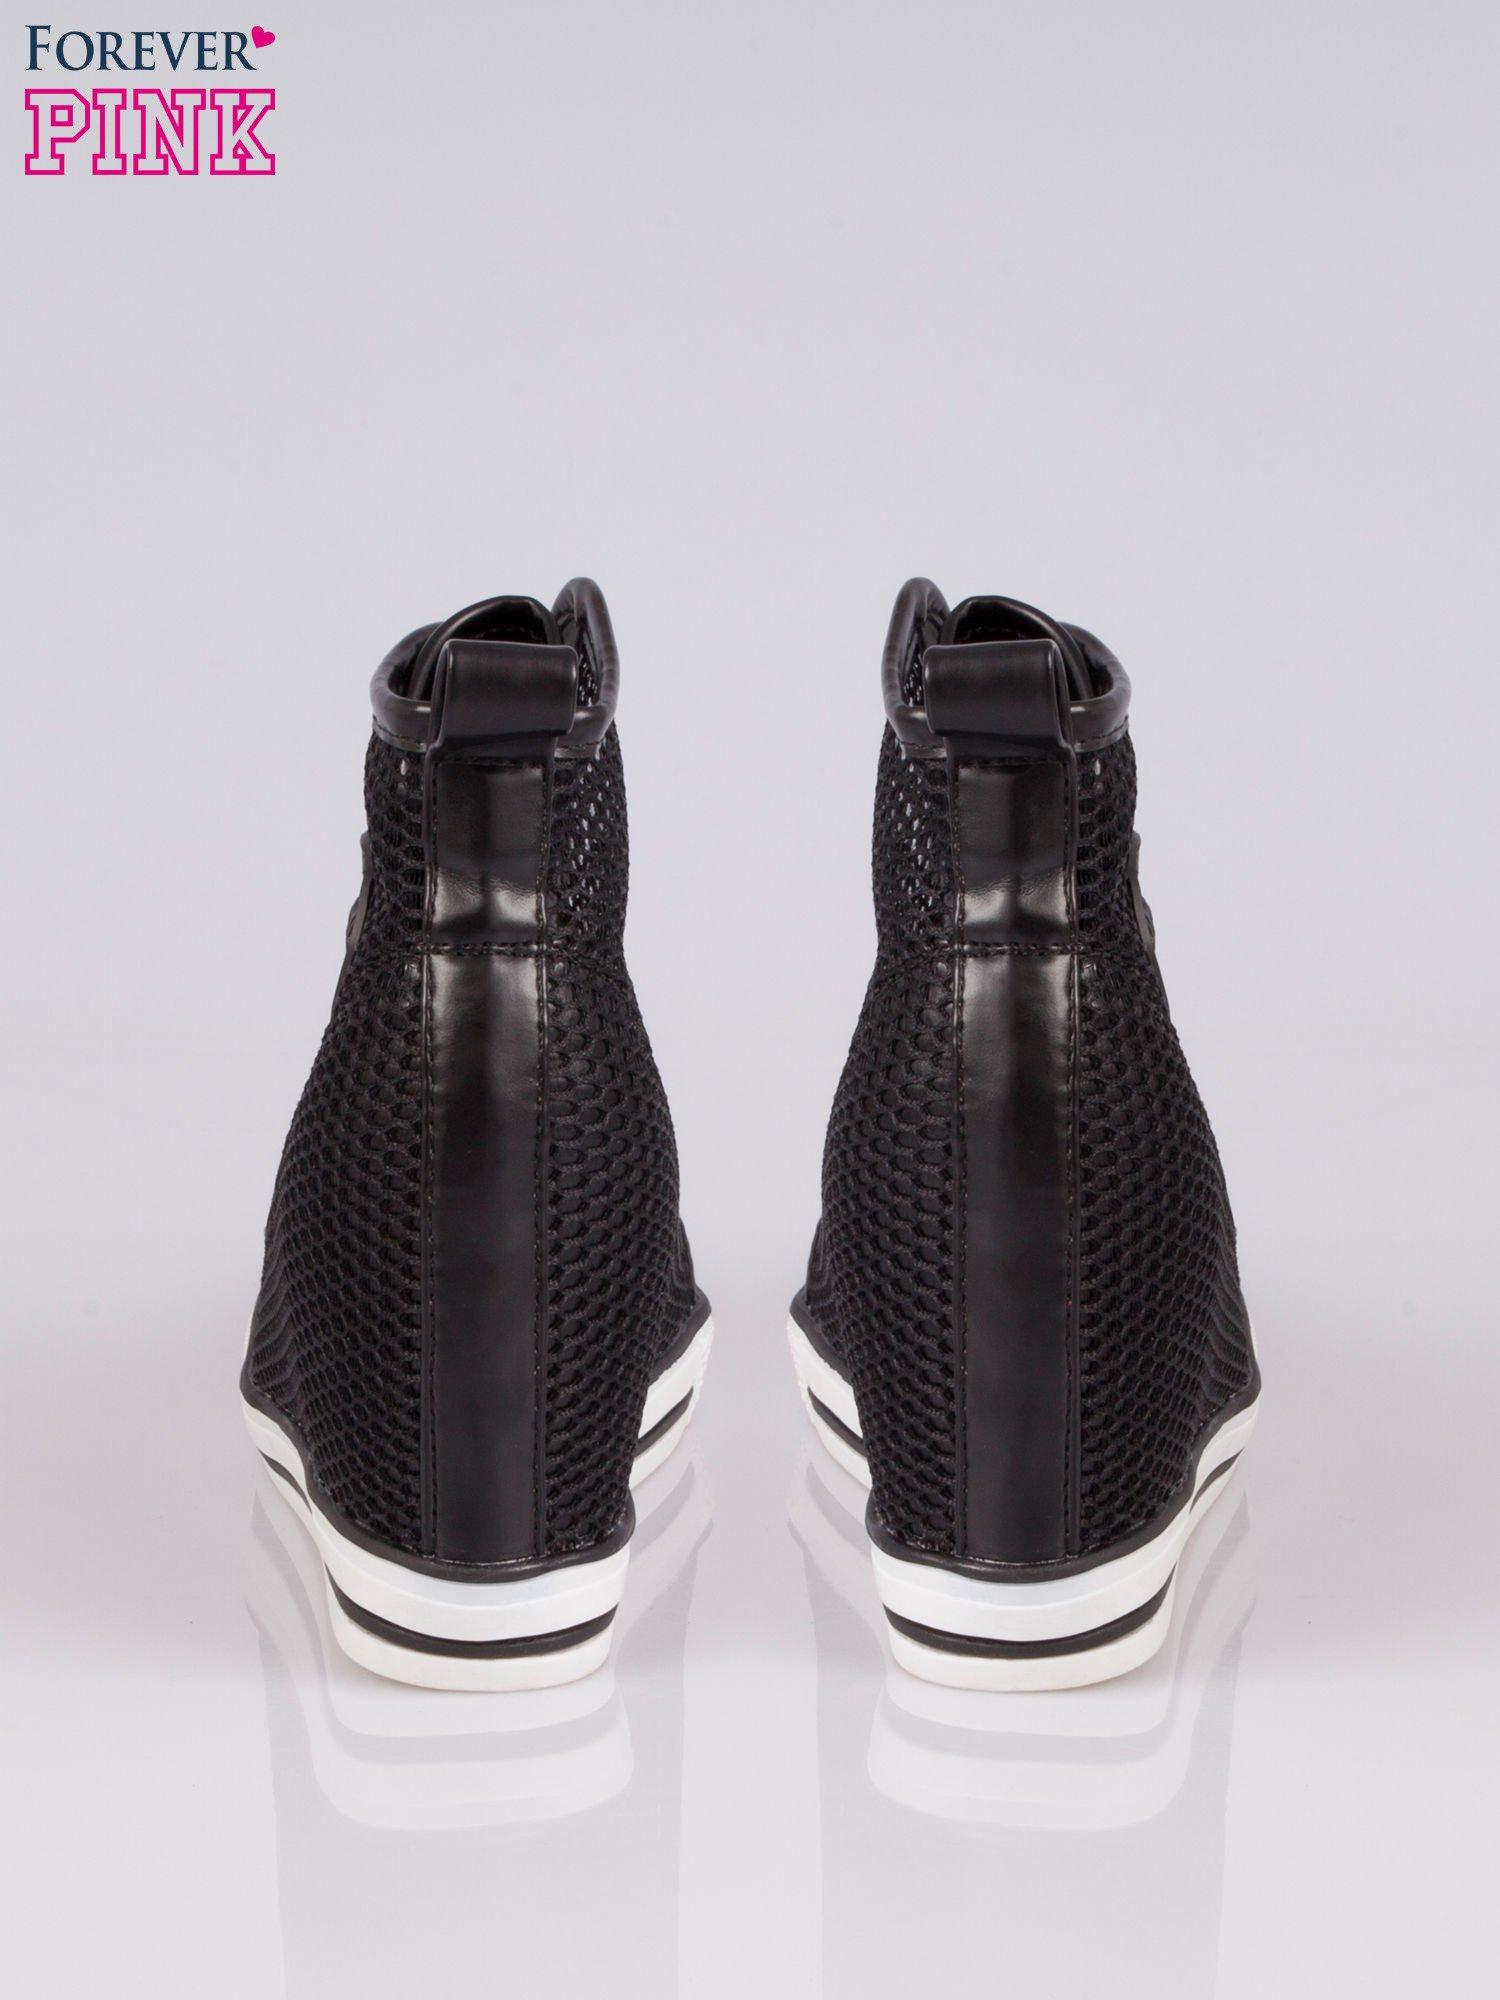 Czarne siateczkowe sneakersy damskie                                  zdj.                                  3